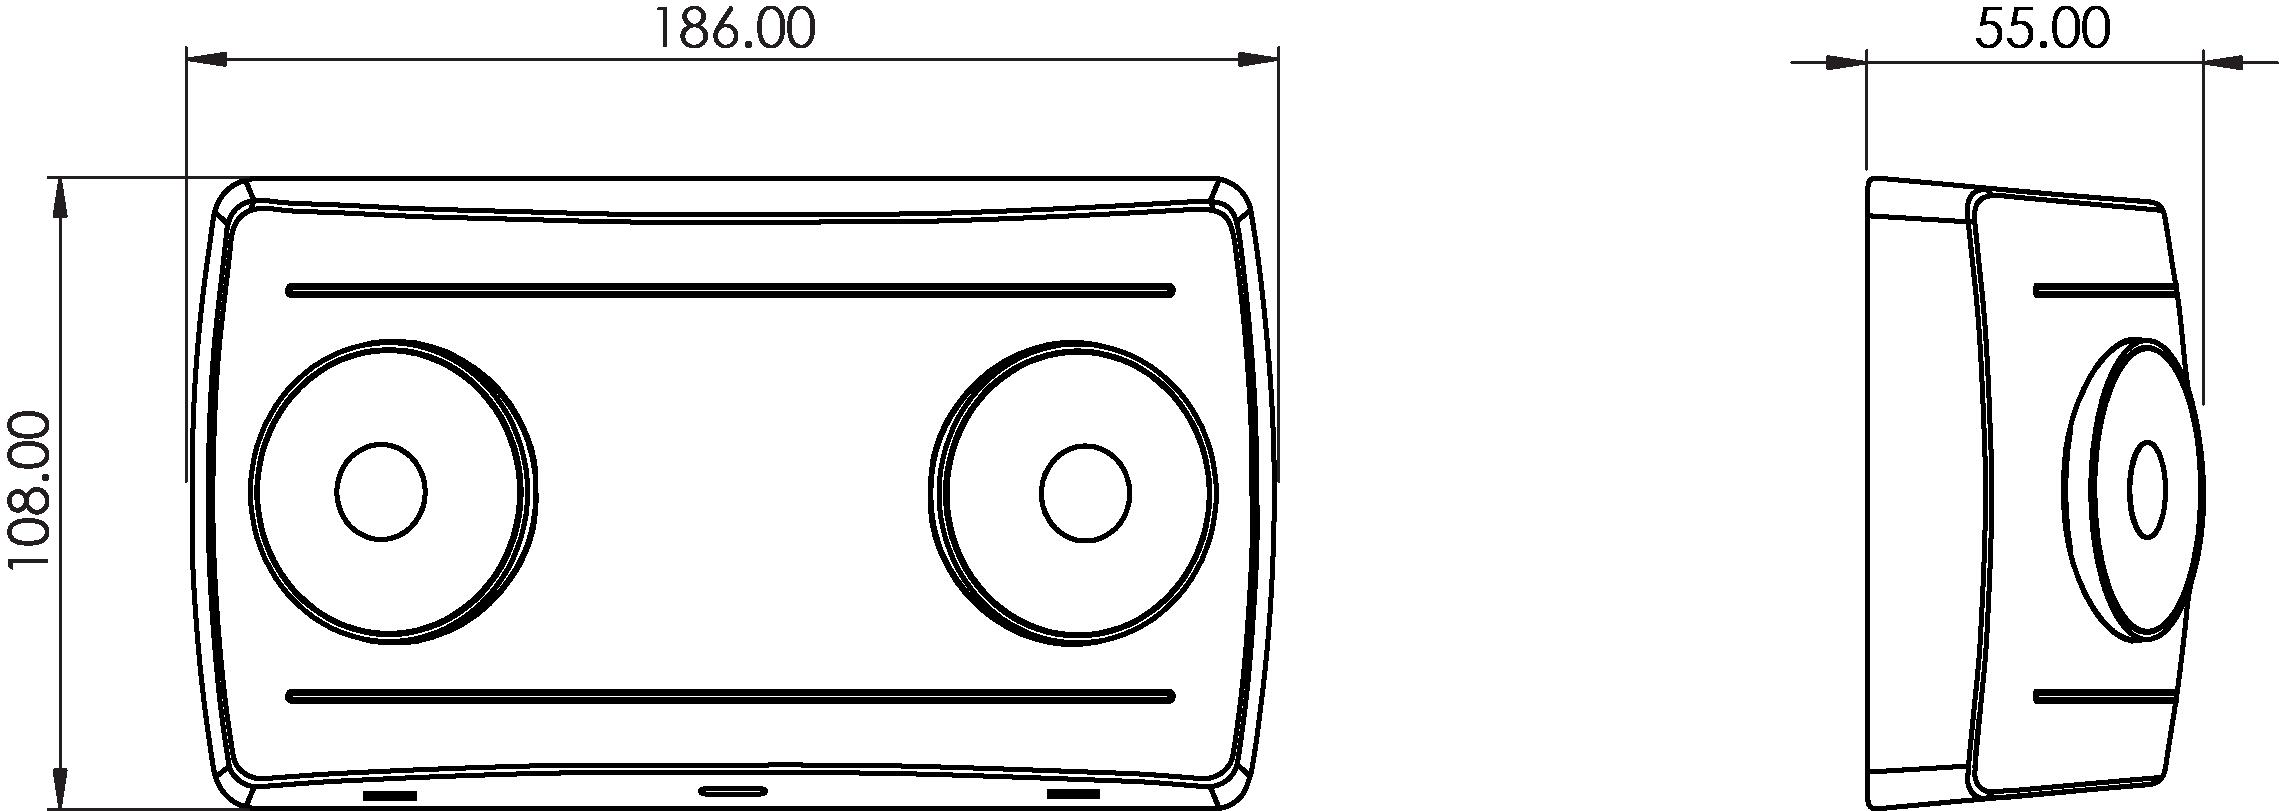 ELITE SPOT Emergency twin spot line drawing